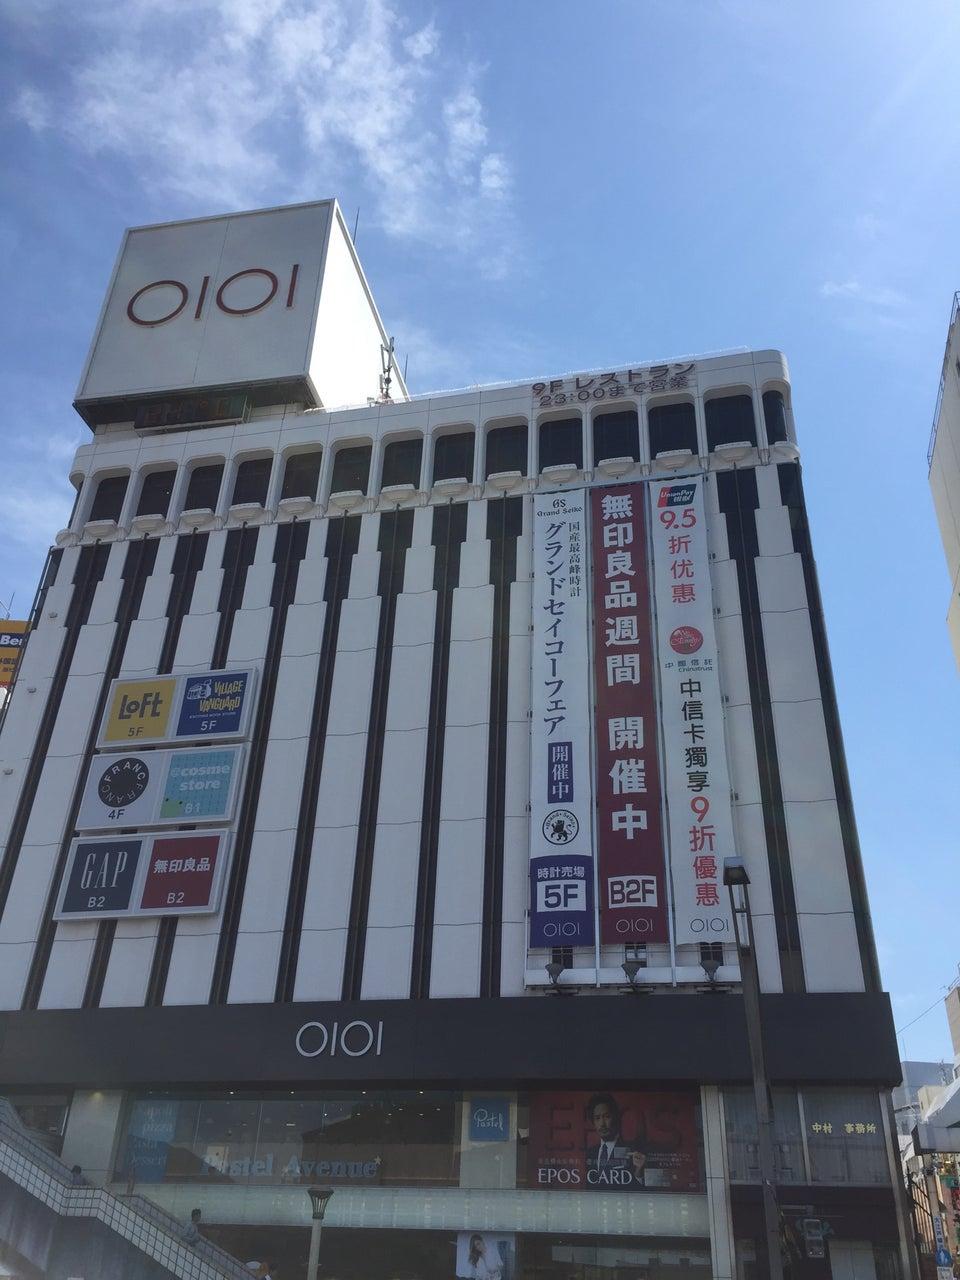 0101丸井百貨